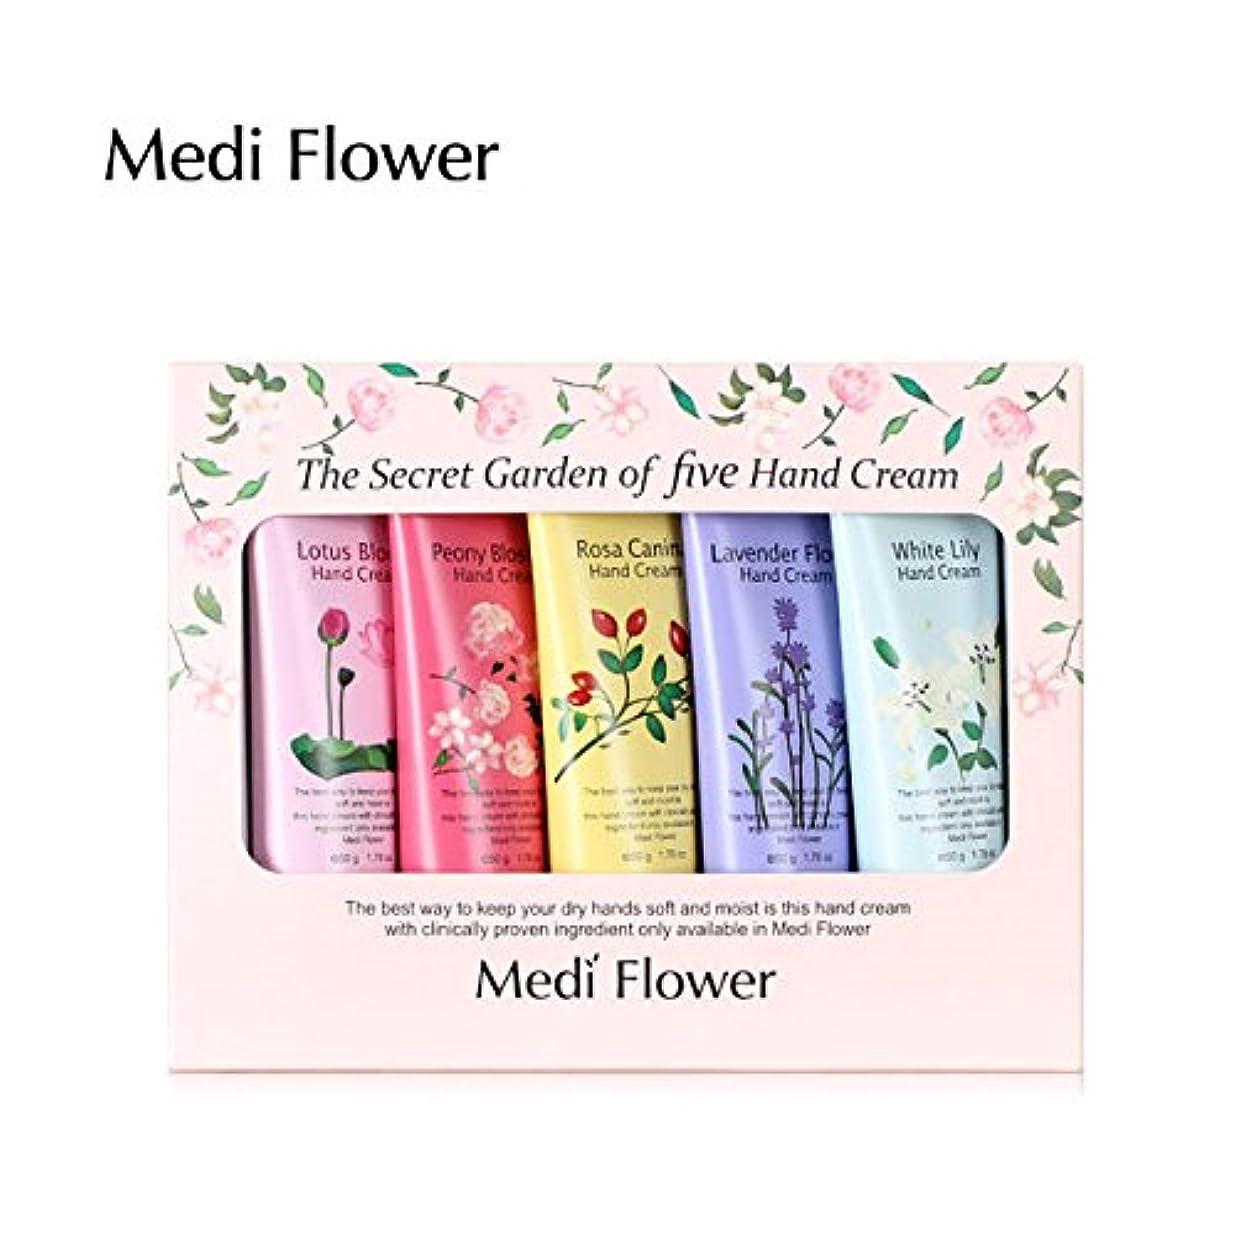 ドレインシェルターウェイド[MediFlower] ザ?シークレットガーデン?ハンドクリームセット(50g x 5個) / The Secret Garden of Five Hand Cream Set